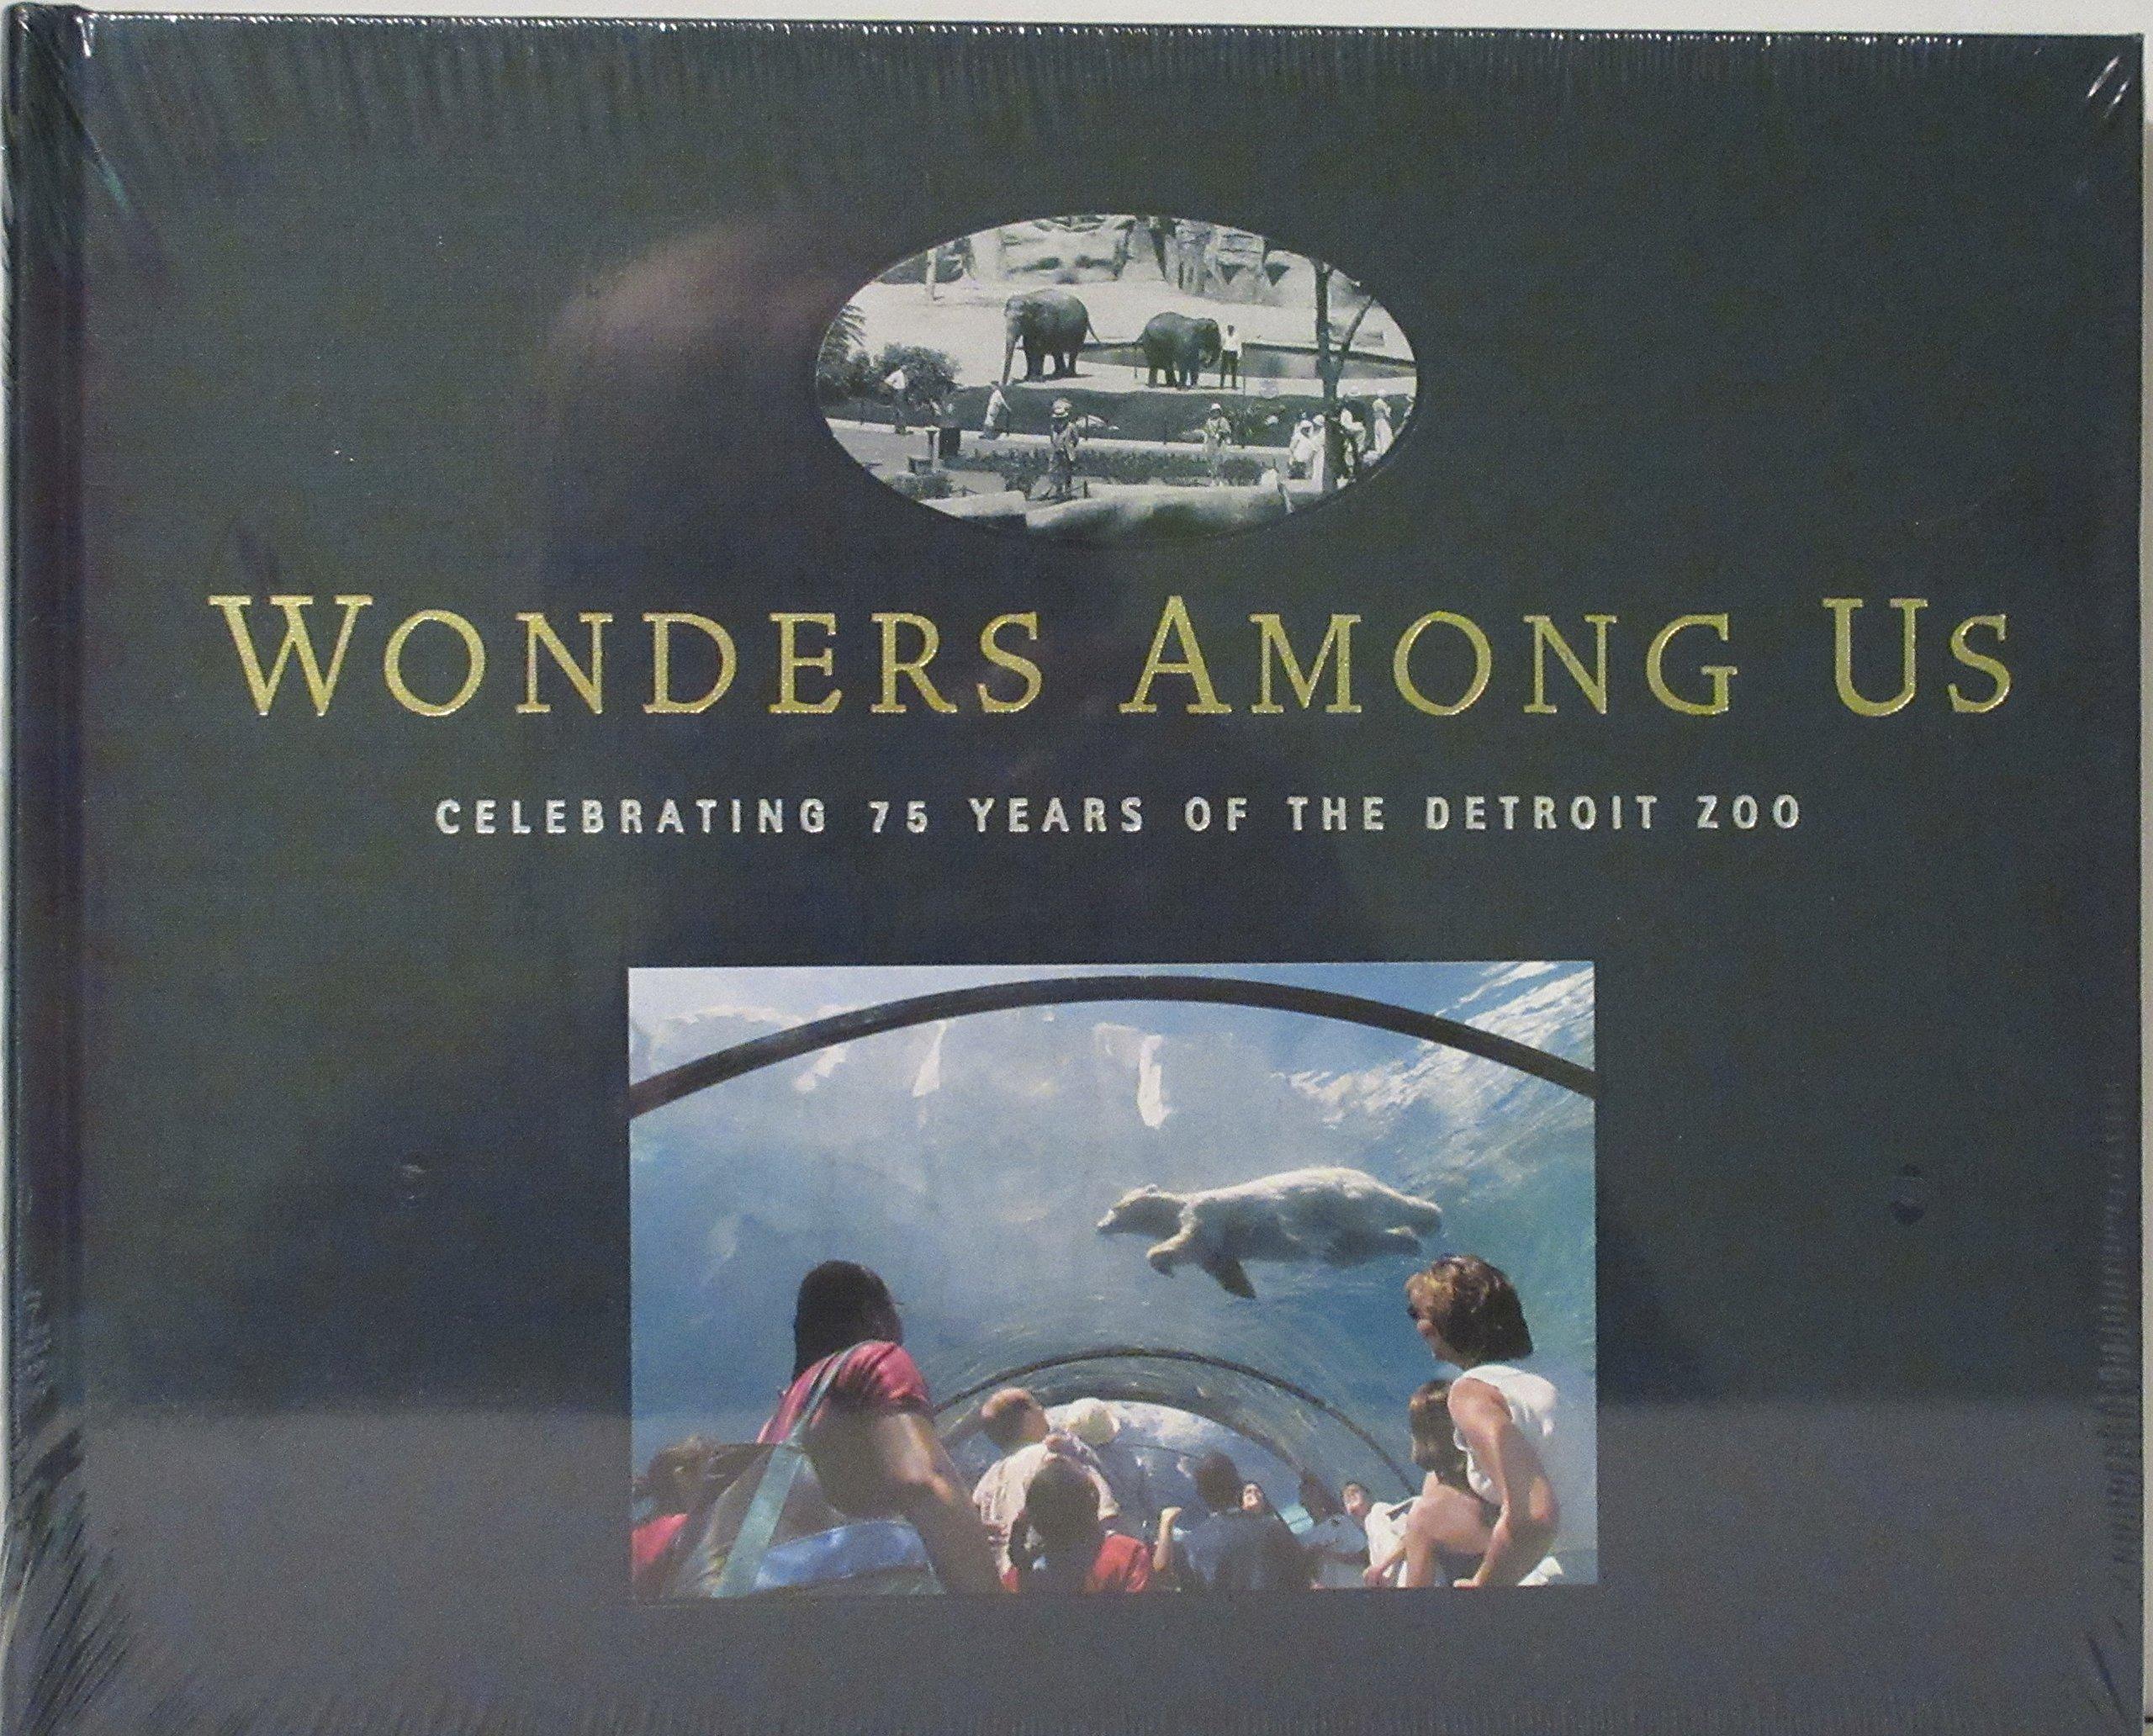 Wonders Among Us Celebrating 75 Years Of The Detroit Zoo Detroit Zoological Society 9780615124186 Amazon Com Books